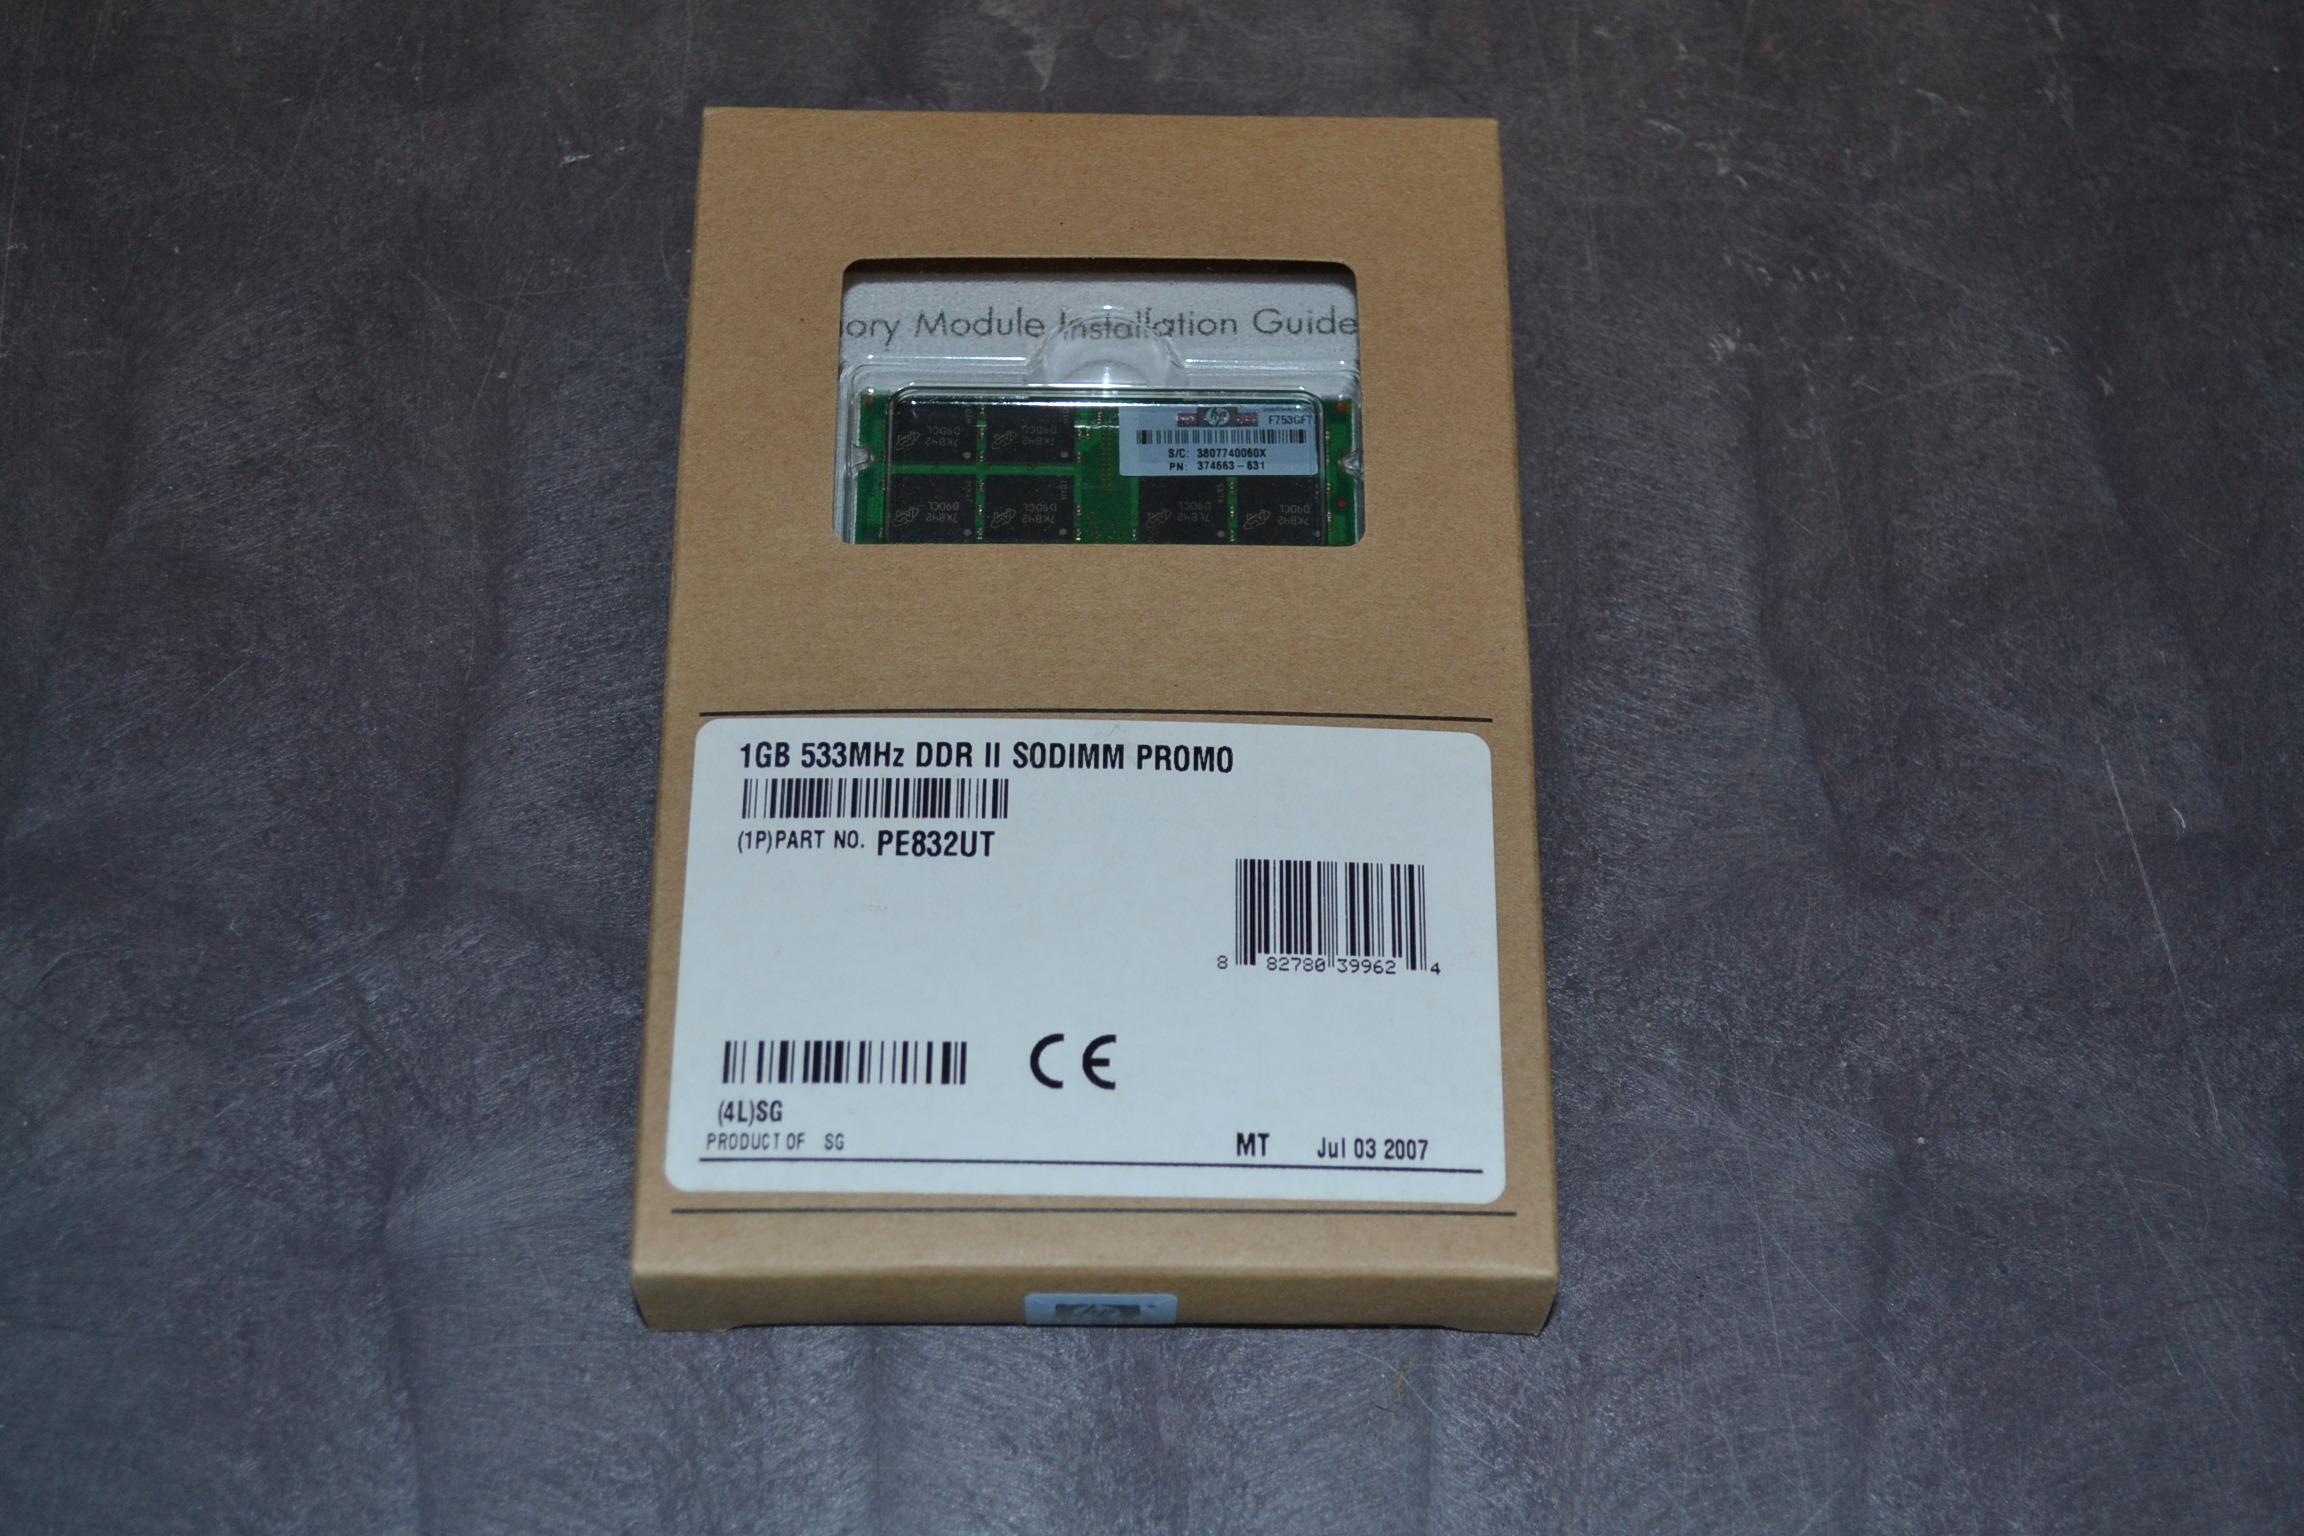 1GB 533MHZ DDR II Memory Module SODIMM